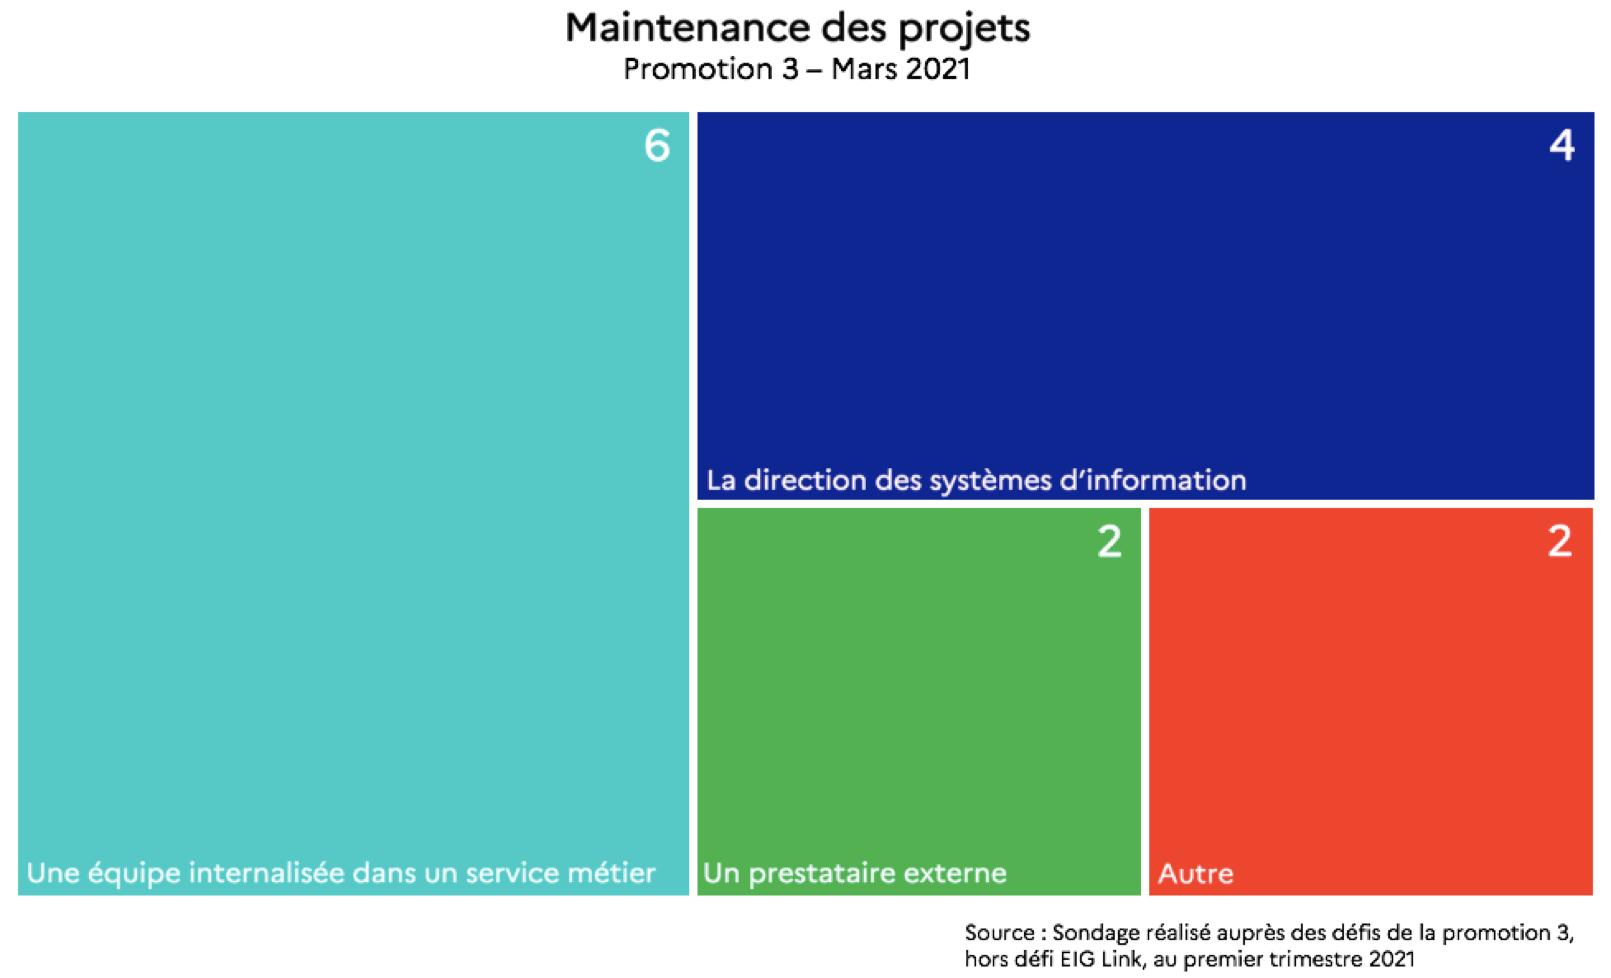 Une carte proportionnelle. Elle indique qu'en mars 2021, 6 projets étaient maintenus par une équipe internalisée dans un service métier, 4 projets étaient maintenus par la direction des systèmes d'information, 2 projets étaient maintenus par un prestataire externe et 2 projets étaient maintenus autrement